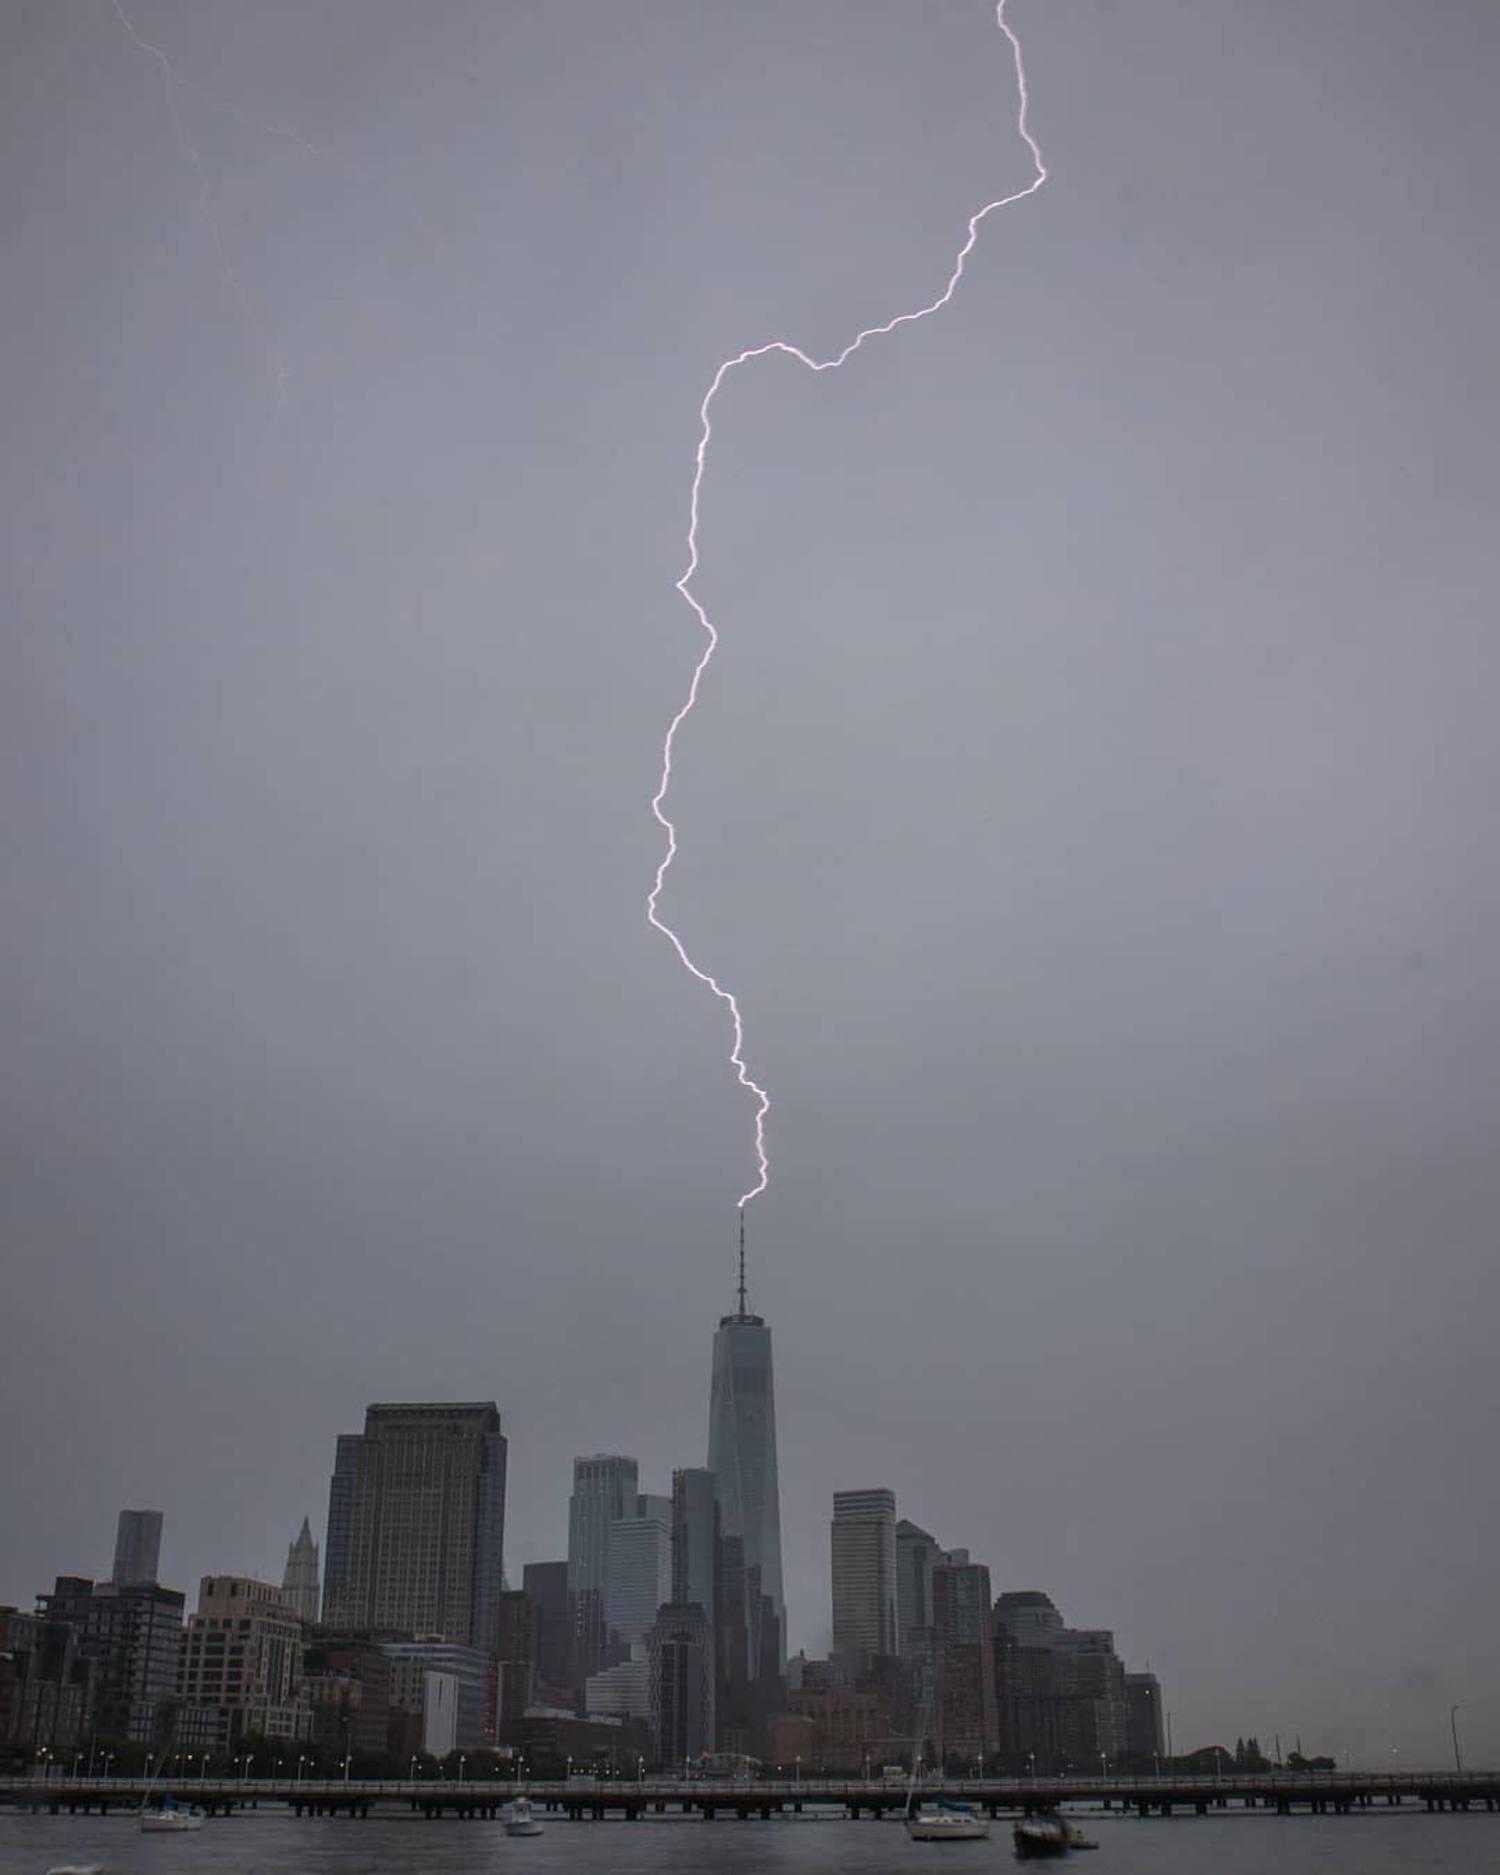 New York, New York. Photo via @maximusupinnyc #viewingnyc #newyork #newyorkcity #nyc #lightning #storms